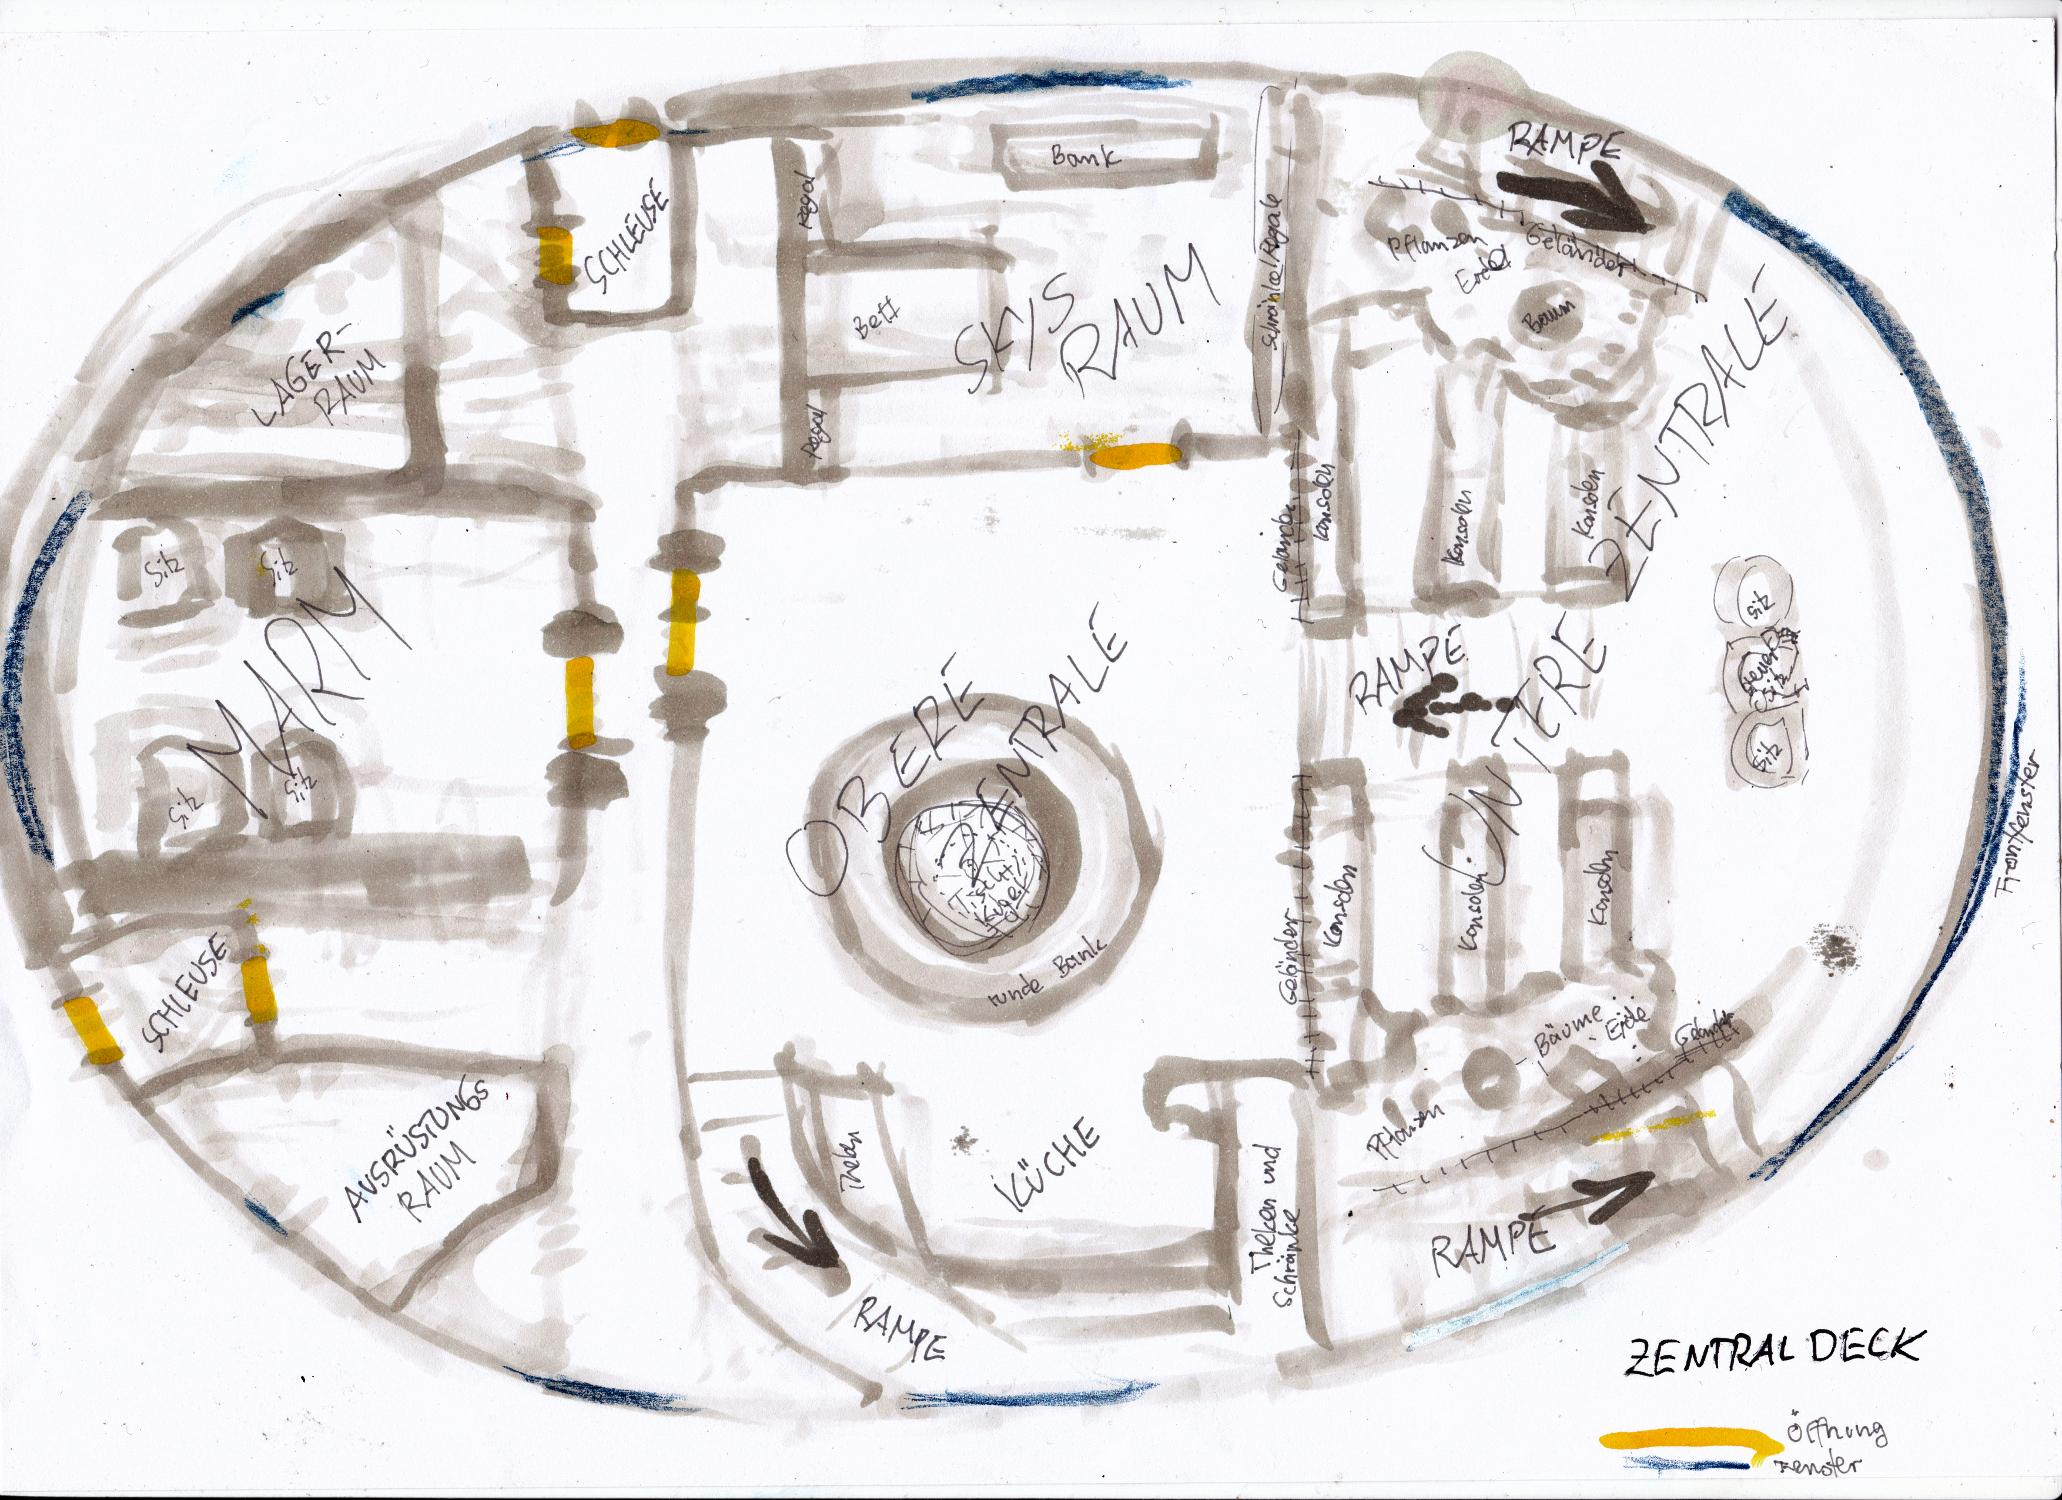 skizze plan der mara u-boot mittleres deck sockenzombie bis in die tiefsten ozeane do deepest oceans